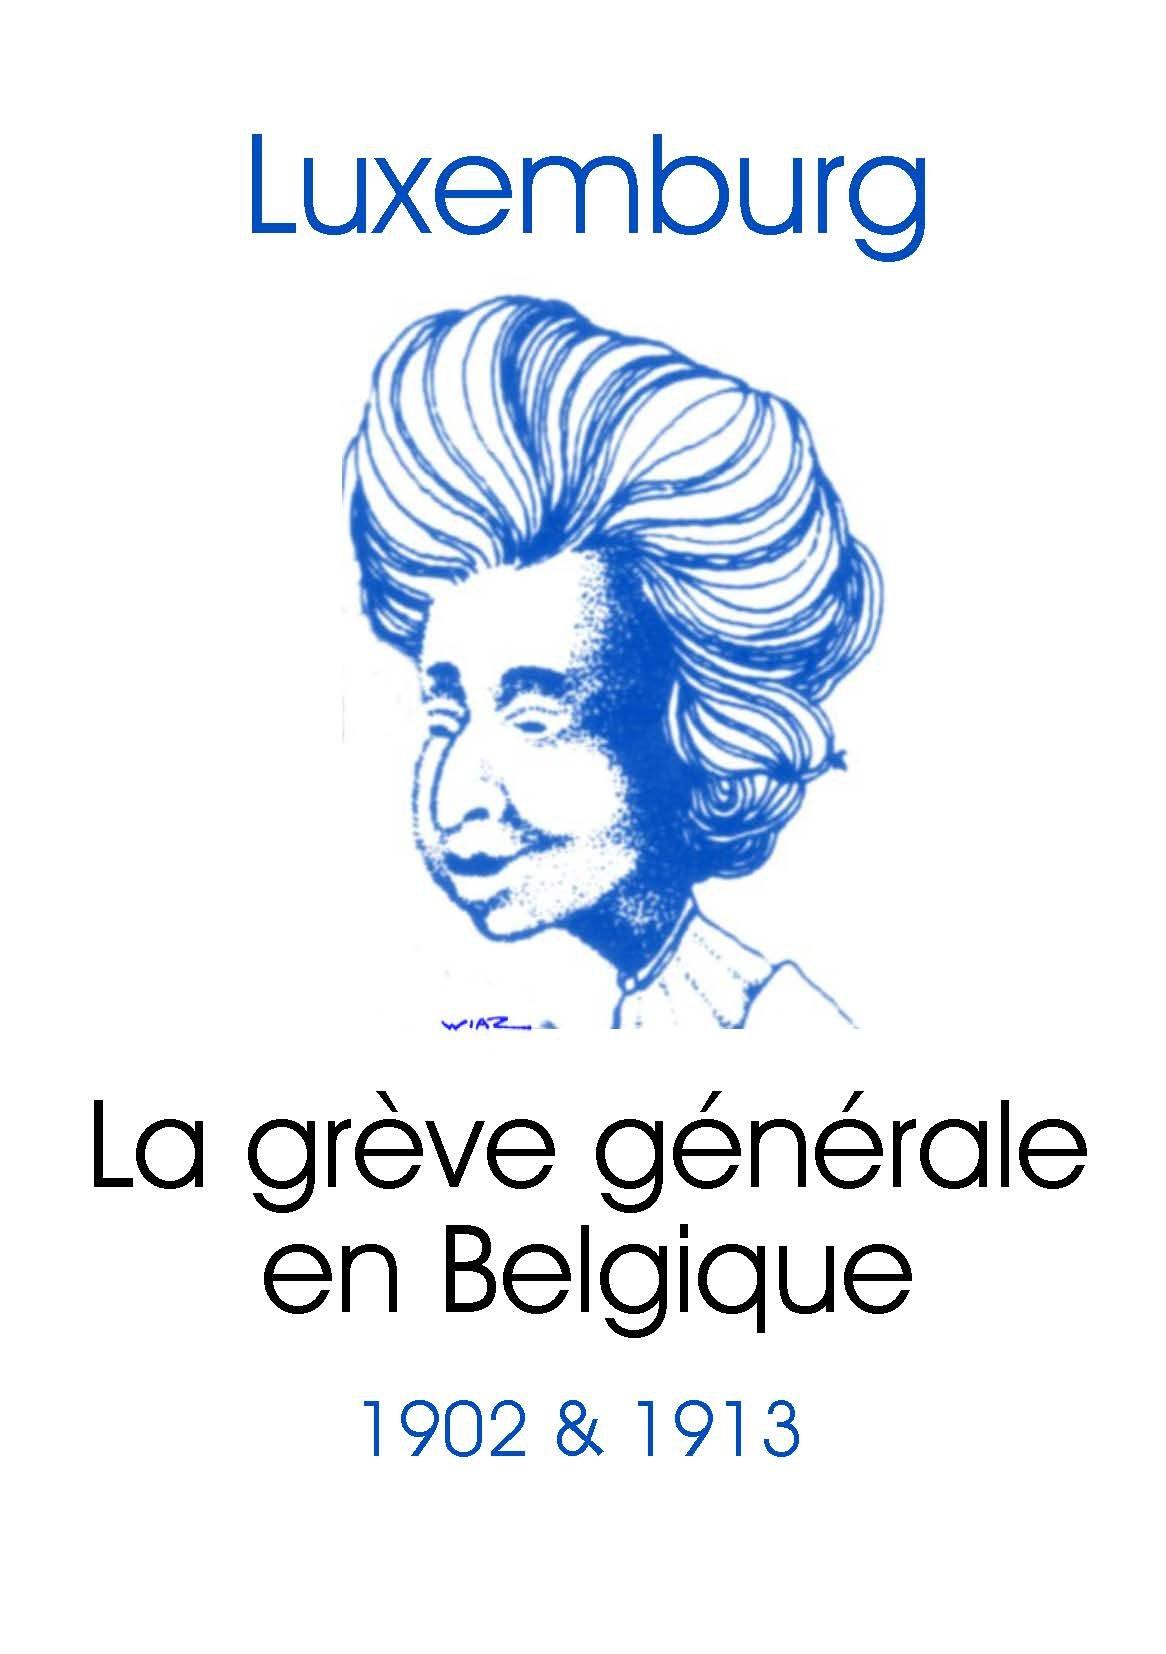 Luxemburg : La grève générale en Belgique, 1902 & 1913